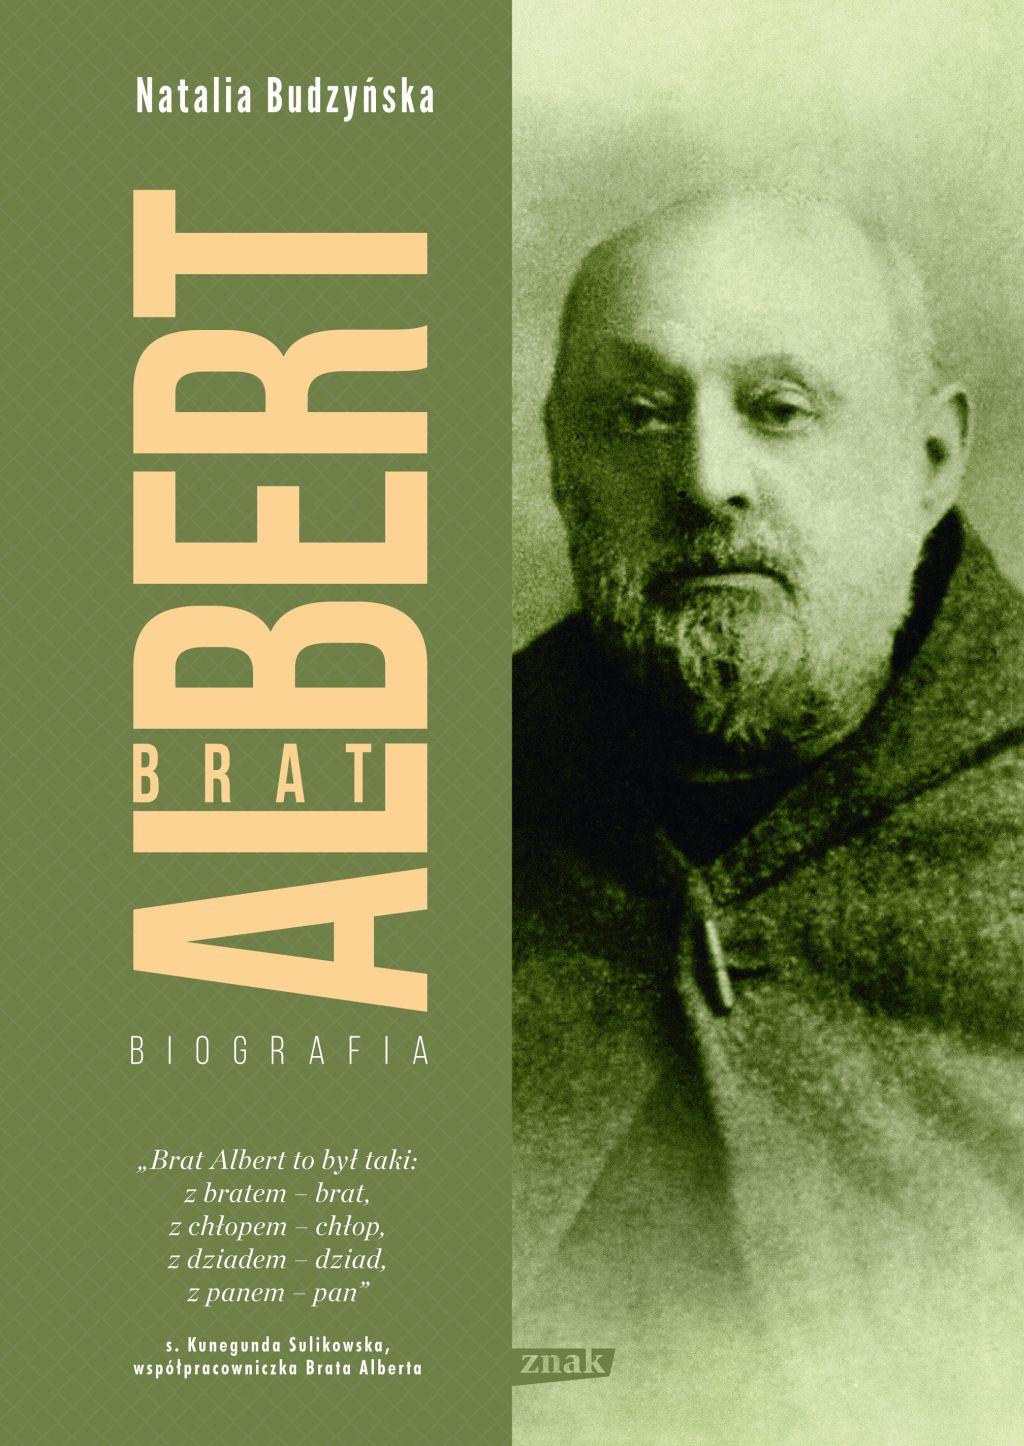 """Artykuł powstał między innymi w oparciu o książkę Natalii Budzyńskiej """"Brat Albert. Biografia"""" wydanej nakładem wydawnictwa Znak."""